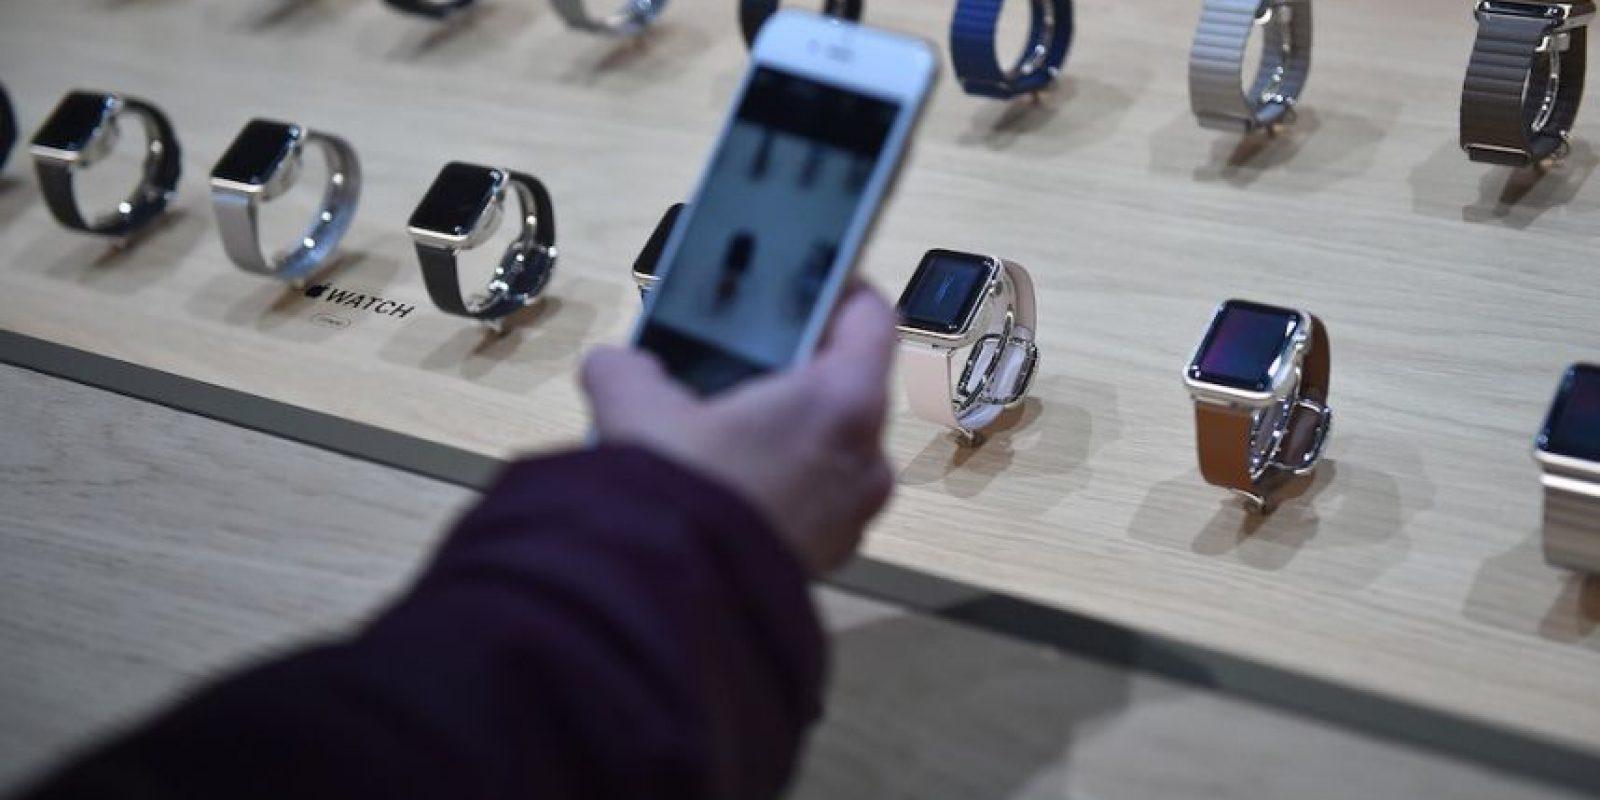 El precio del Apple Watch Edition comienza en 10 mil dólares. Foto:Getty Images